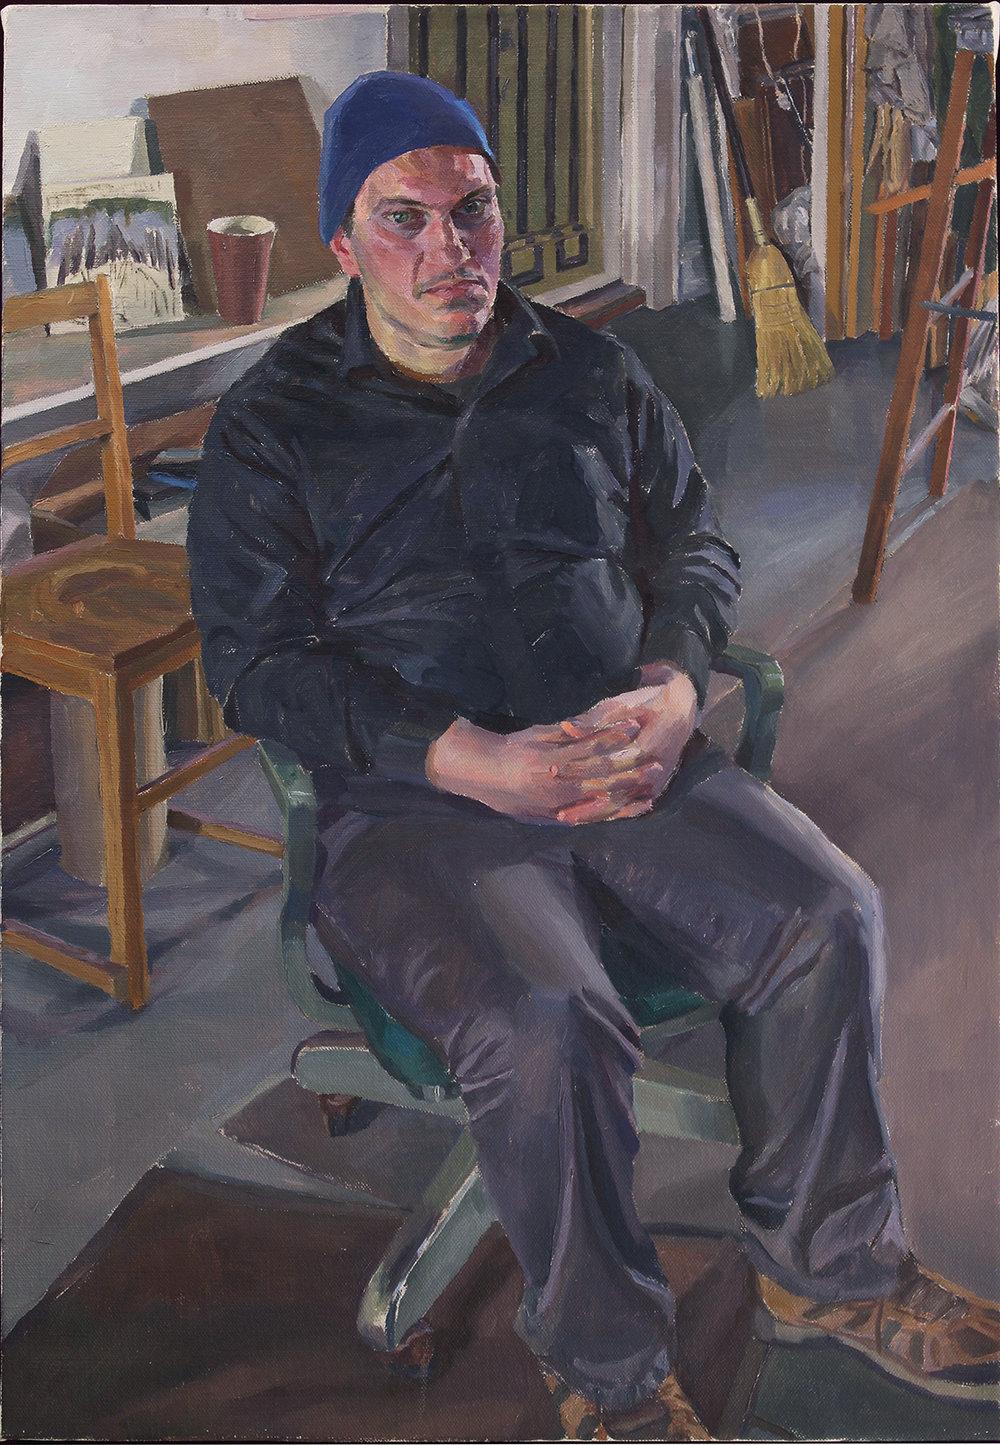 """JOE BRADLEY oil on linen 22 x 33"""" 2015"""